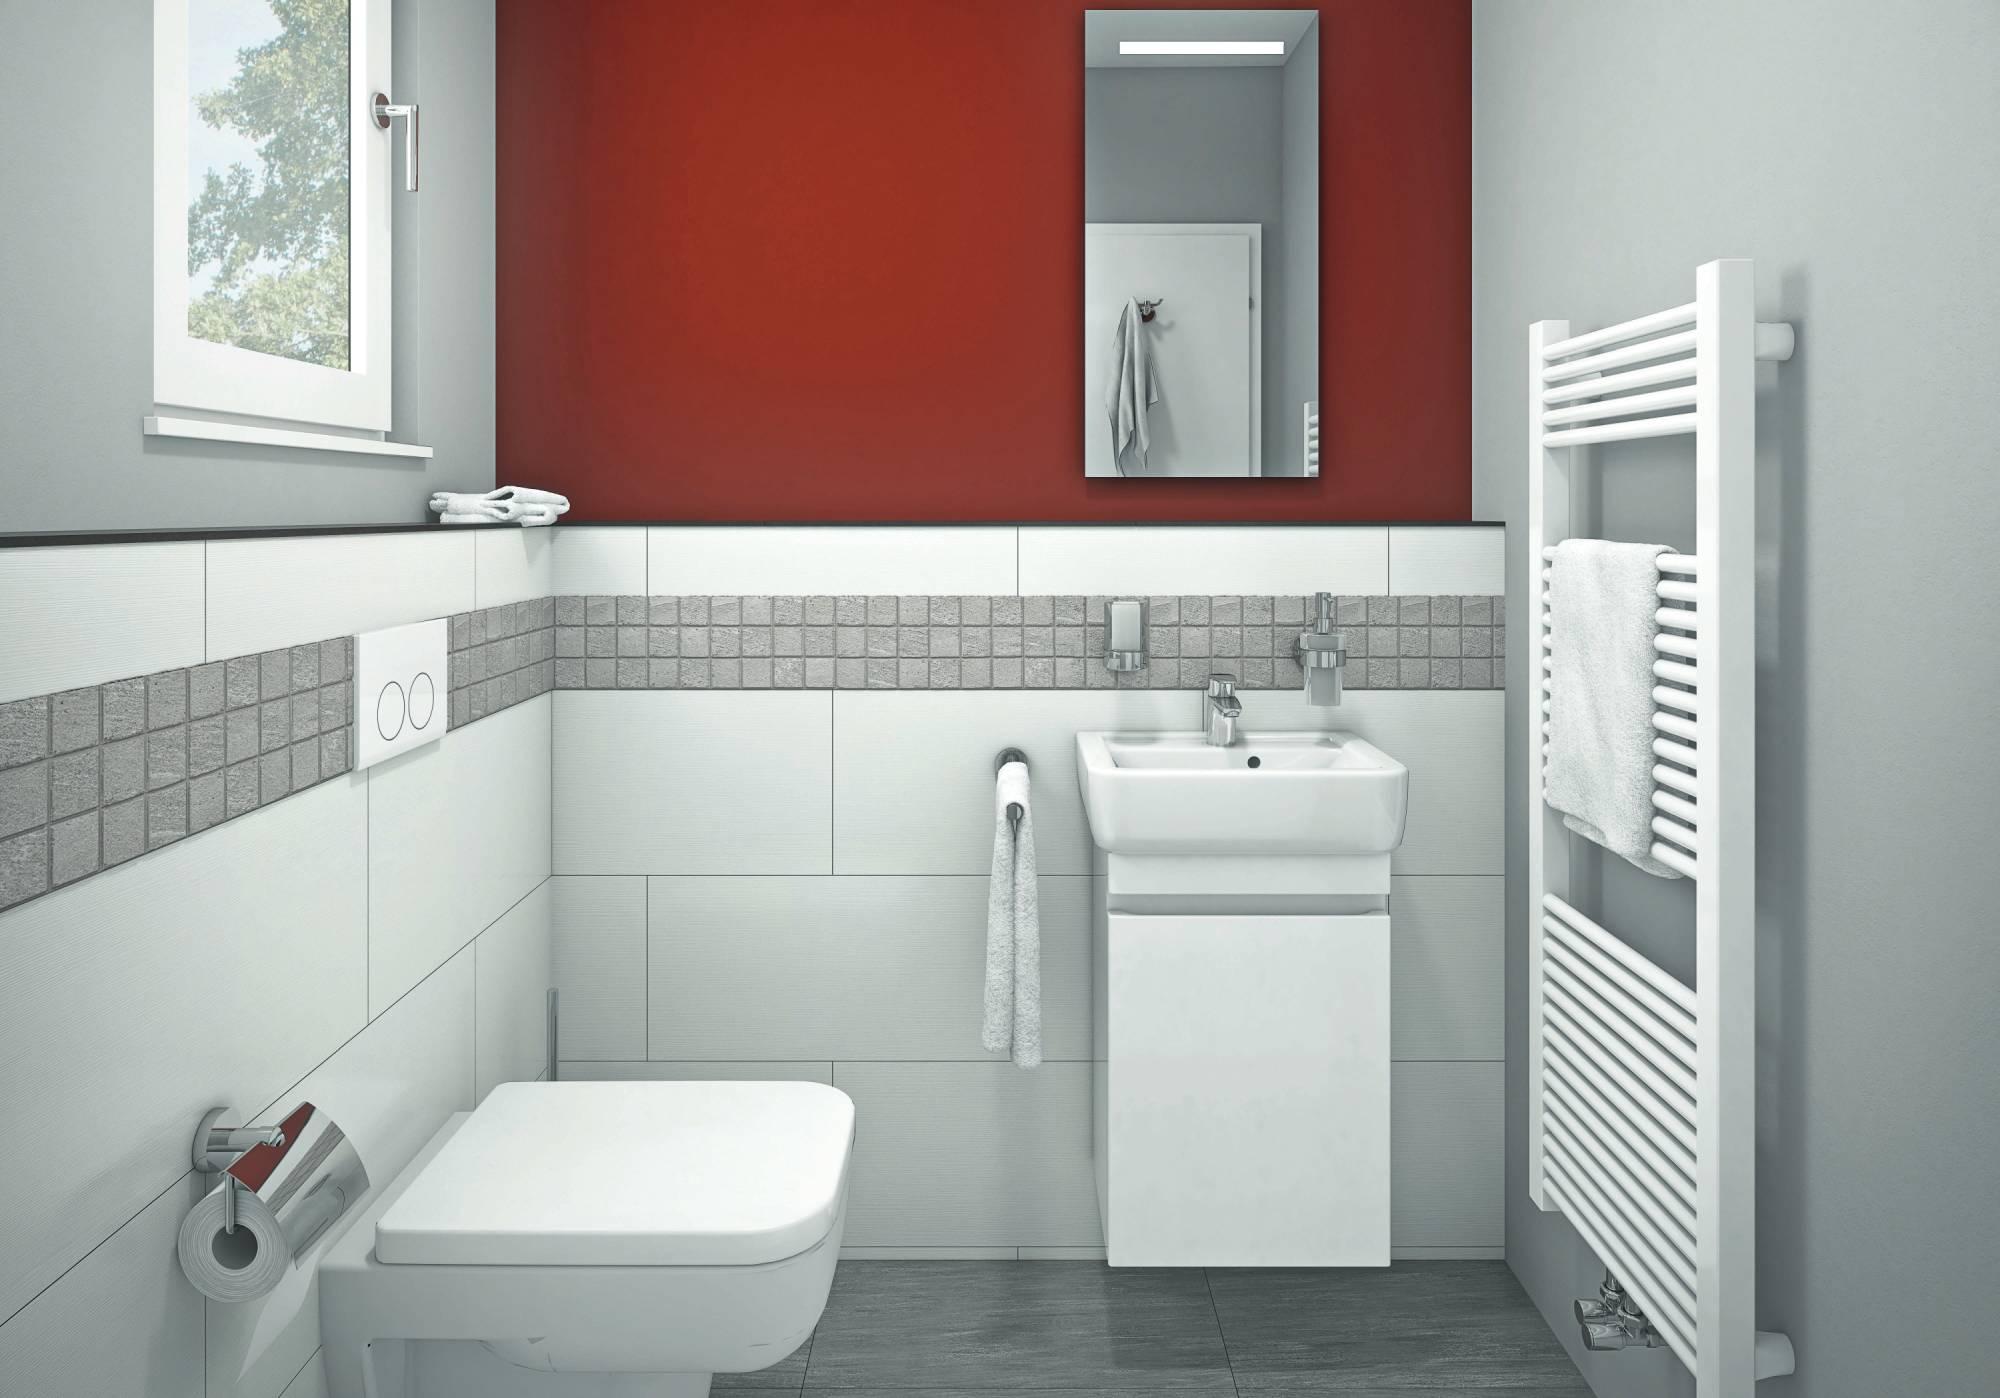 Full Size of Fliesenspiegel Verkleiden Badewanne In 4 Schritten Obi Küche Glas Selber Machen Wohnzimmer Fliesenspiegel Verkleiden